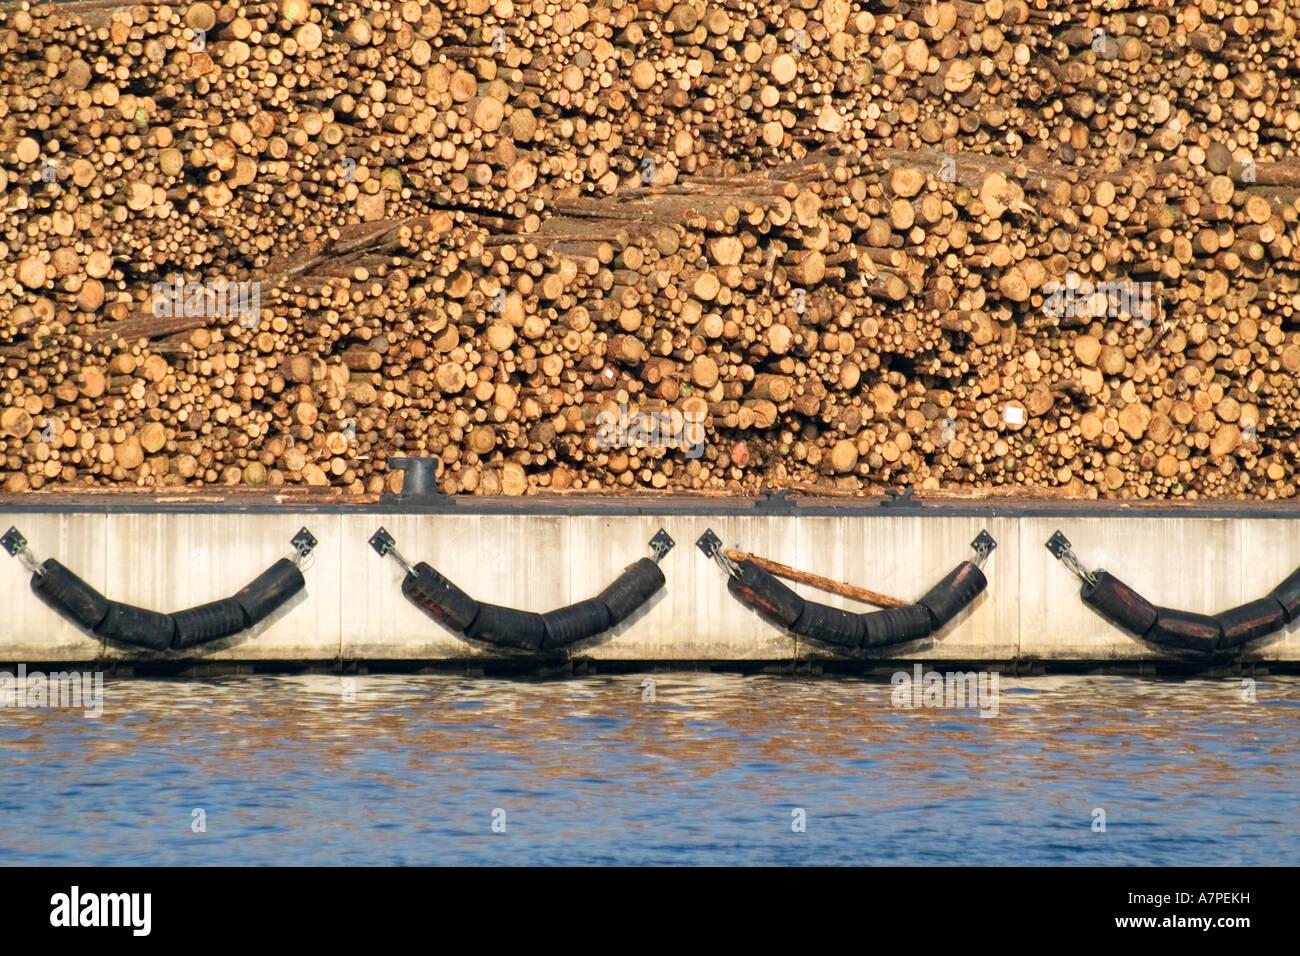 Wismar harbor 'Wood harbor' - Stock Image